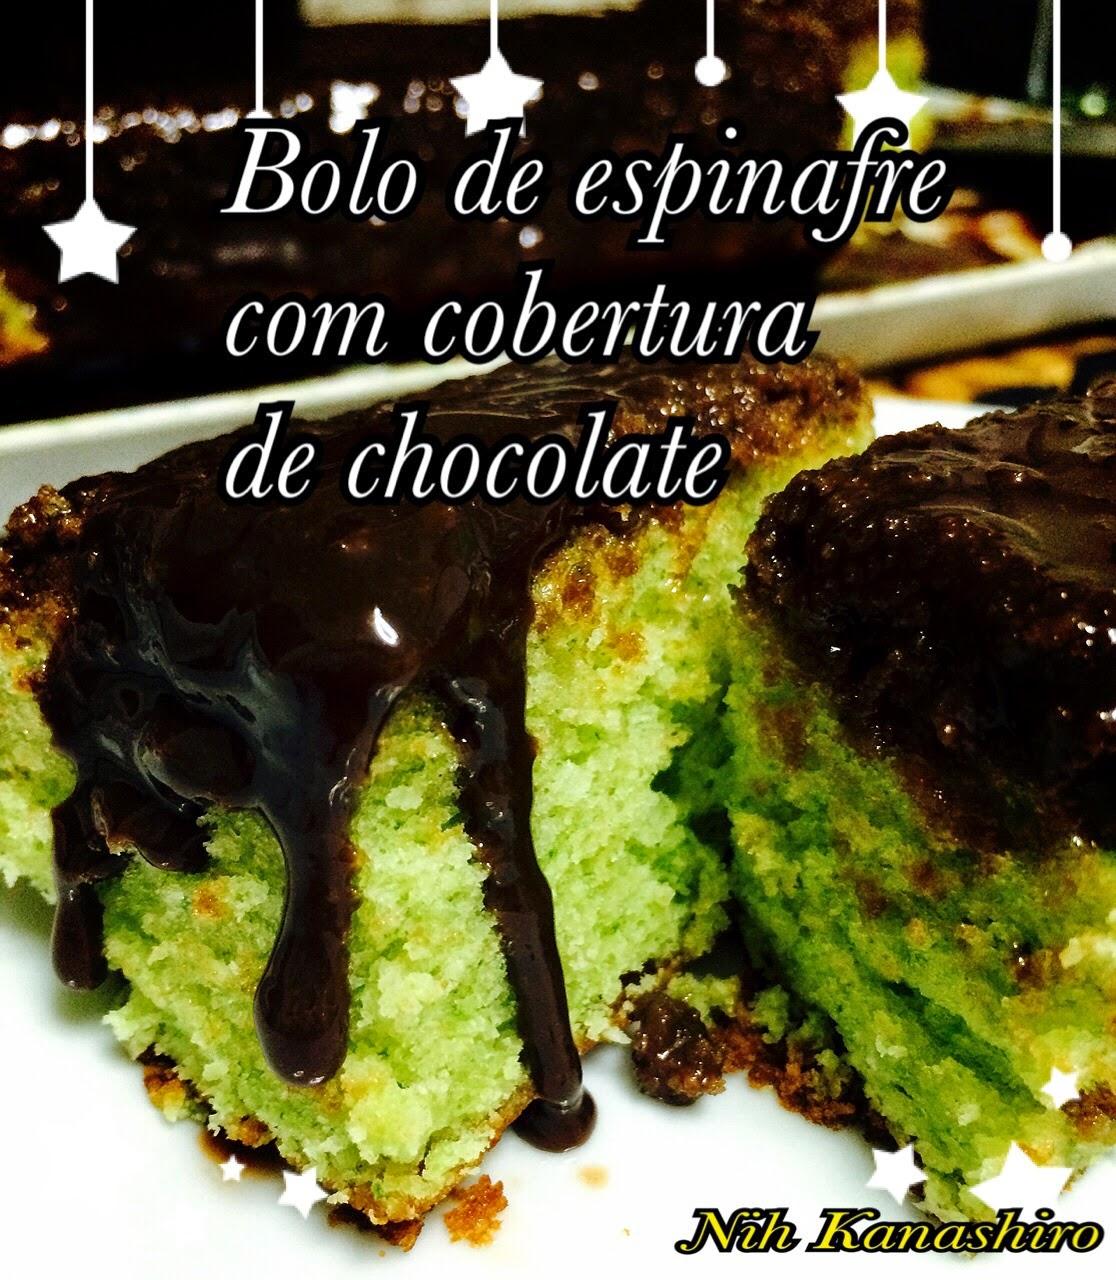 Bolo de espinafre com cobertura de chocolate